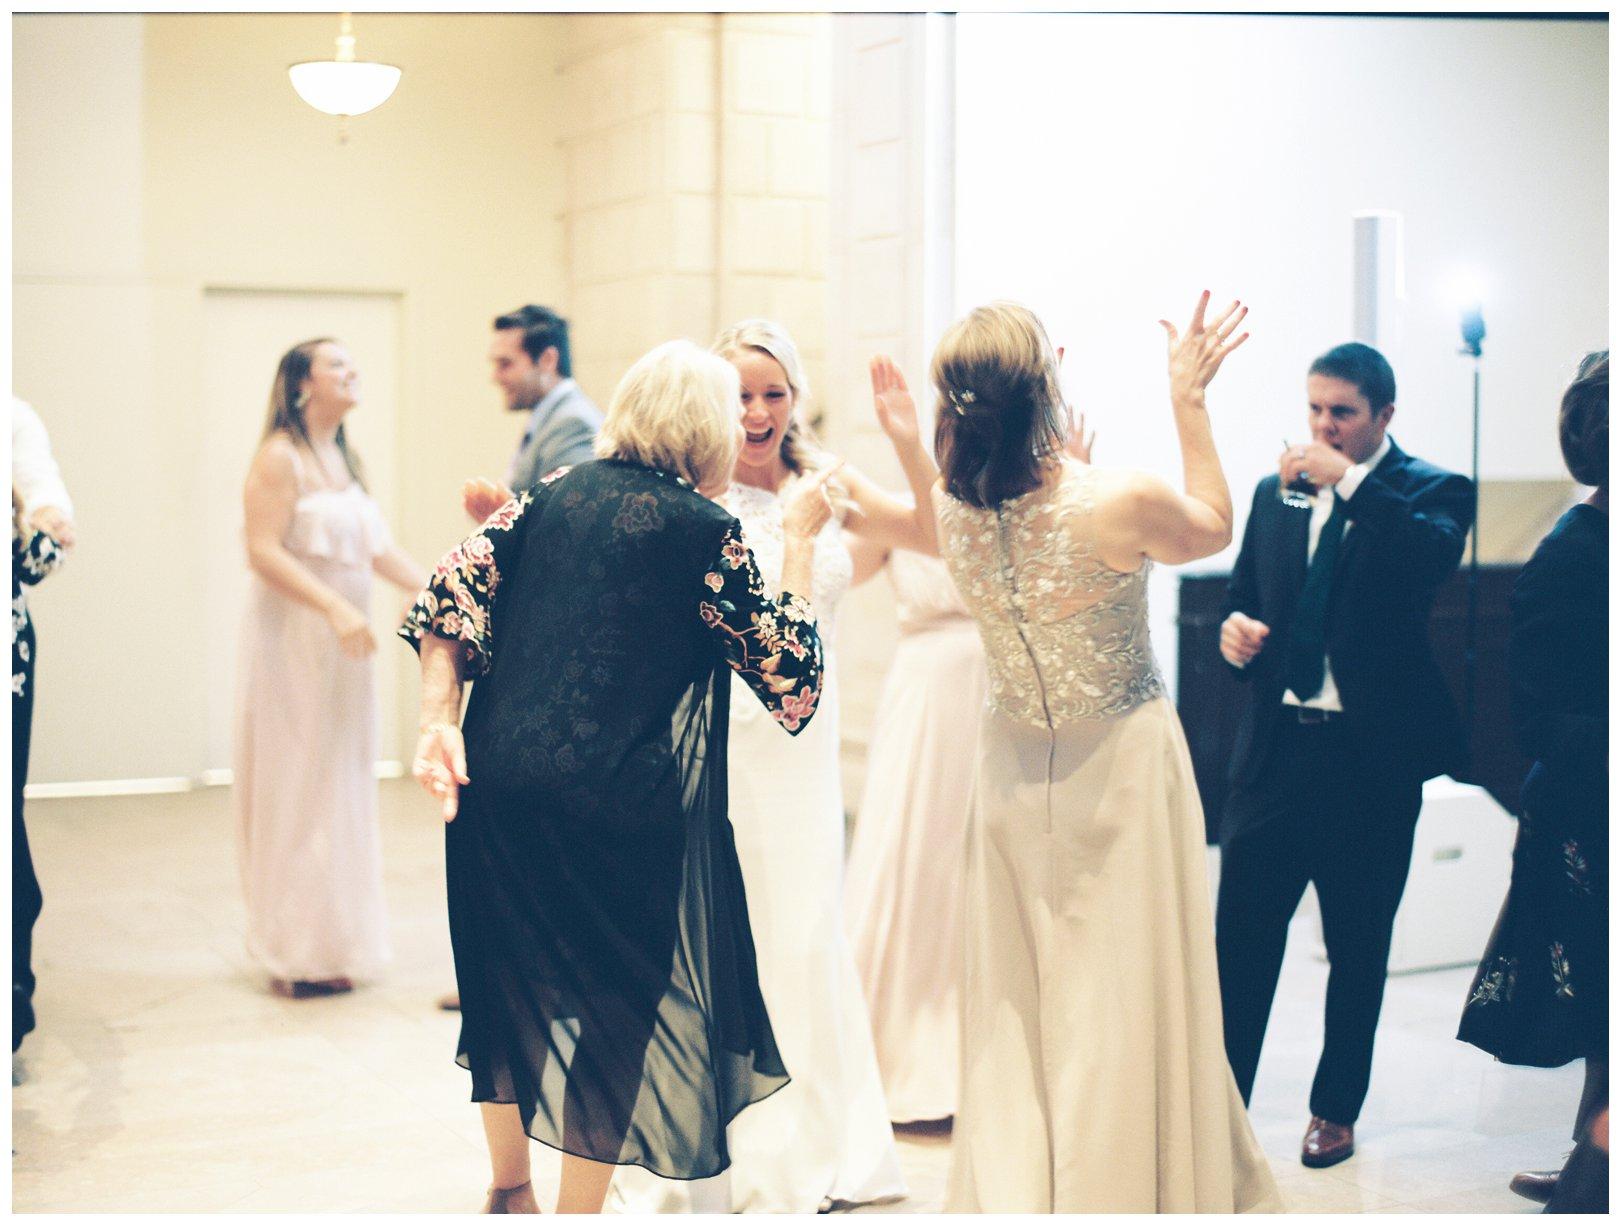 lauren muckler photography_fine art film wedding photography_st louis_photography_2460.jpg